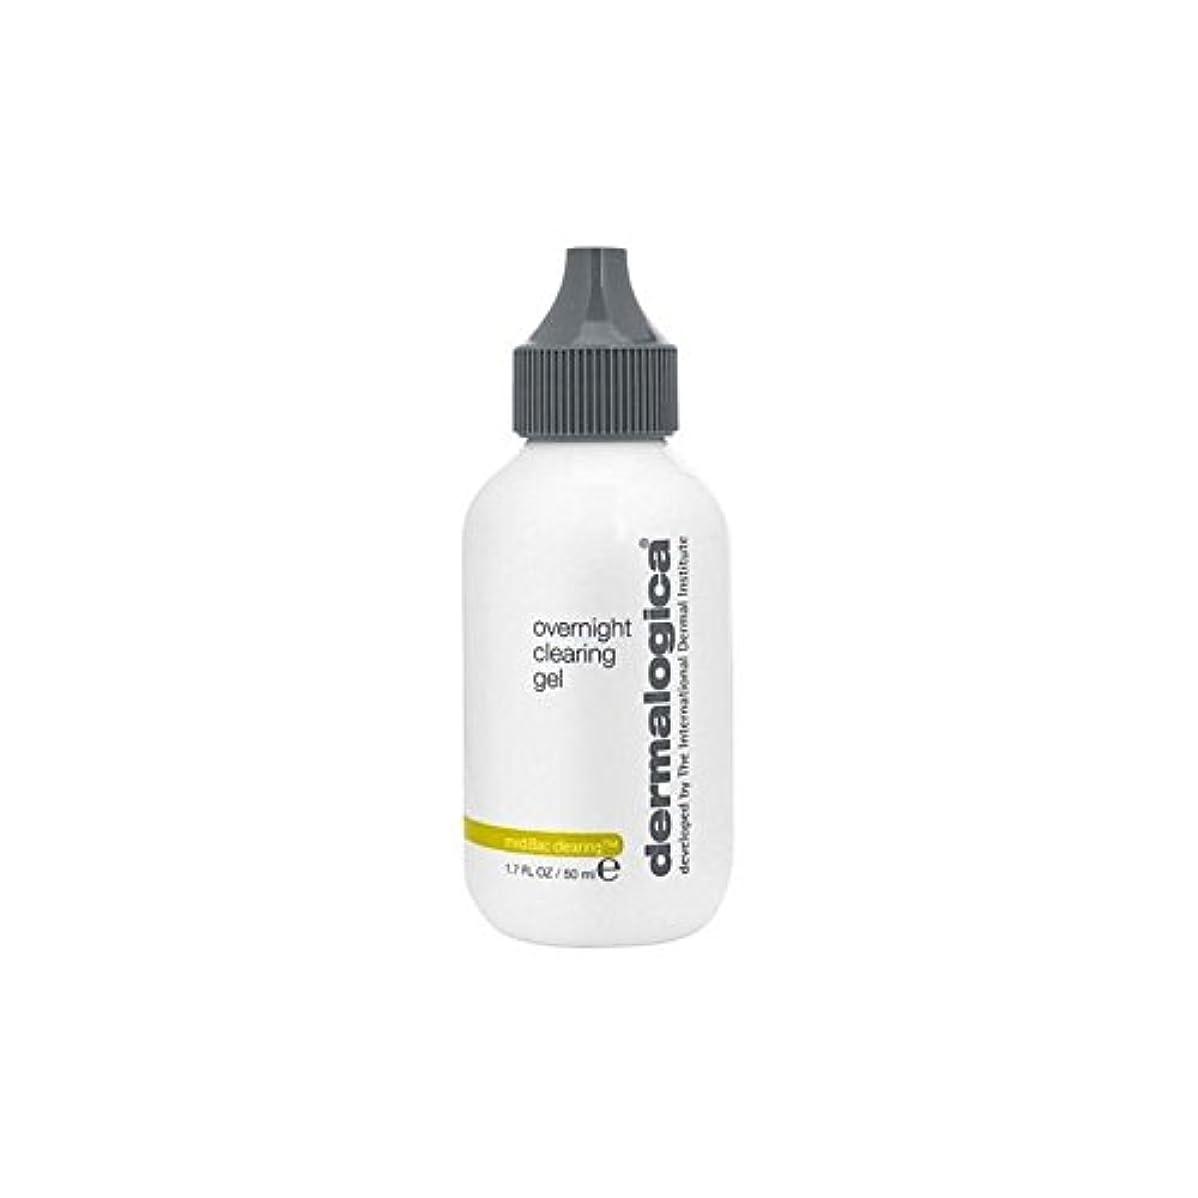 逆説批判表面Dermalogica Medibac Overnight Clearing Gel (50ml) - ダーマロジカ一晩透明ゲル(50)中 [並行輸入品]